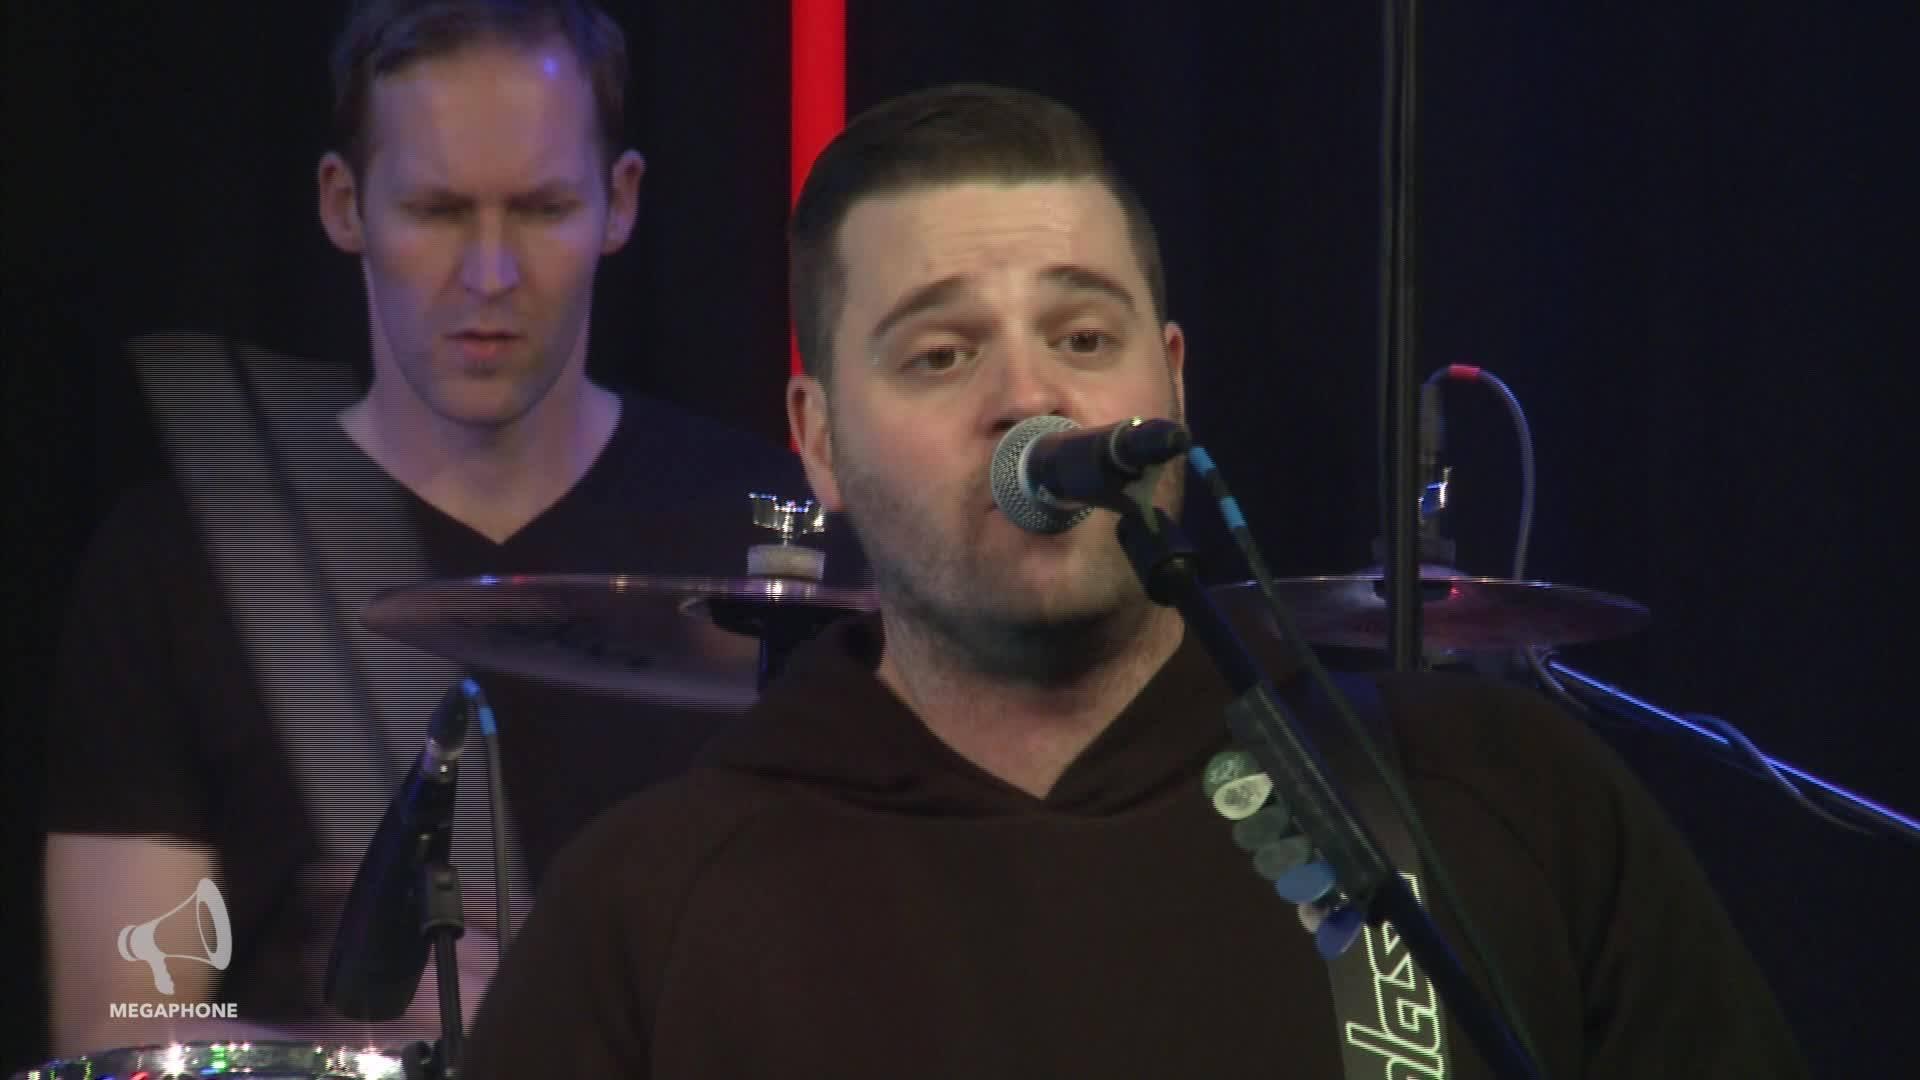 Le quatuor genevois Fullblast joue en live dans Mégaphone ce week-end ➡️ http://bit.ly/2imq4YV